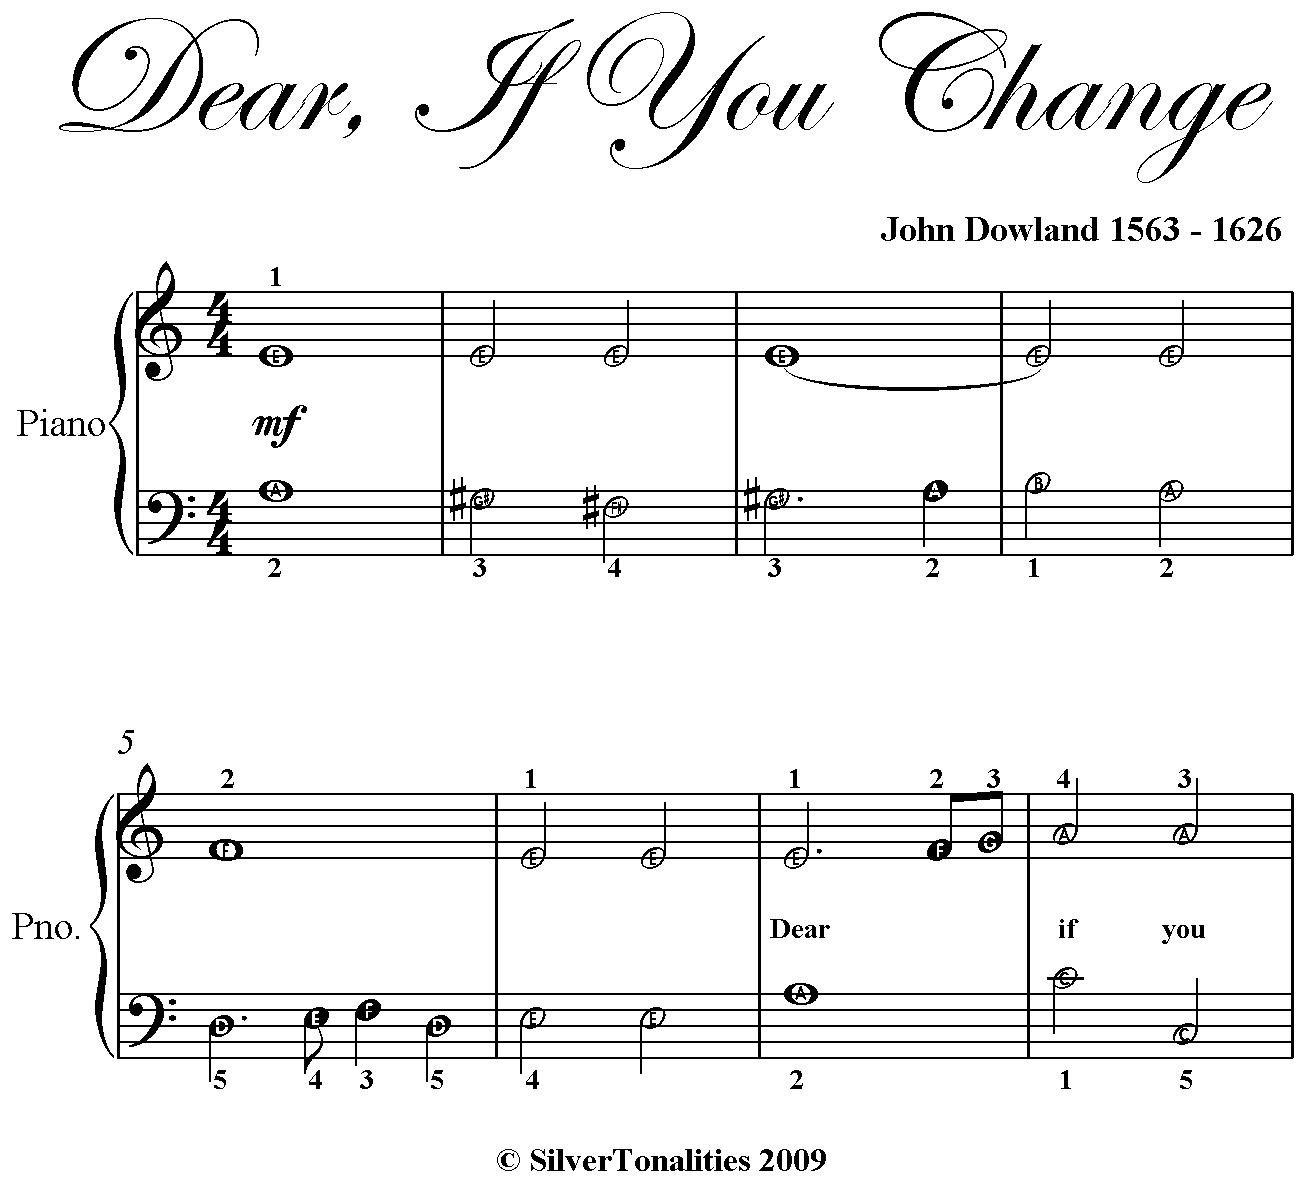 Dear If You Change Easy Piano Sheet Music